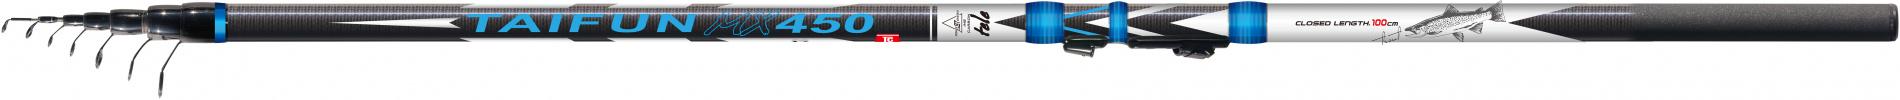 Удилище тел. SWD TAIFUN 3,6м с/к карбон IM8 (укороченное)Удилища поплавочные<br>Классическое болонское удилище с быстрым <br>строем. Материал бланка удилища – карбон <br>IM8. Длина удилища 3,6м.Комплектуется элегантными <br>облегченными кольцами с высококачественными <br>вставками SIC на высоких ножках, надежным <br>быстродействующим катушкодержателем типа <br>Clip Up и EVA вставкой в комле для предотвращения <br>повреждения проводочных колец. Верхнее <br>колено имеет дополнительное разгрузочное <br>кольцо. Транспортная длина от 102 см. Рекомендуется <br>для всех видов ловли.<br>